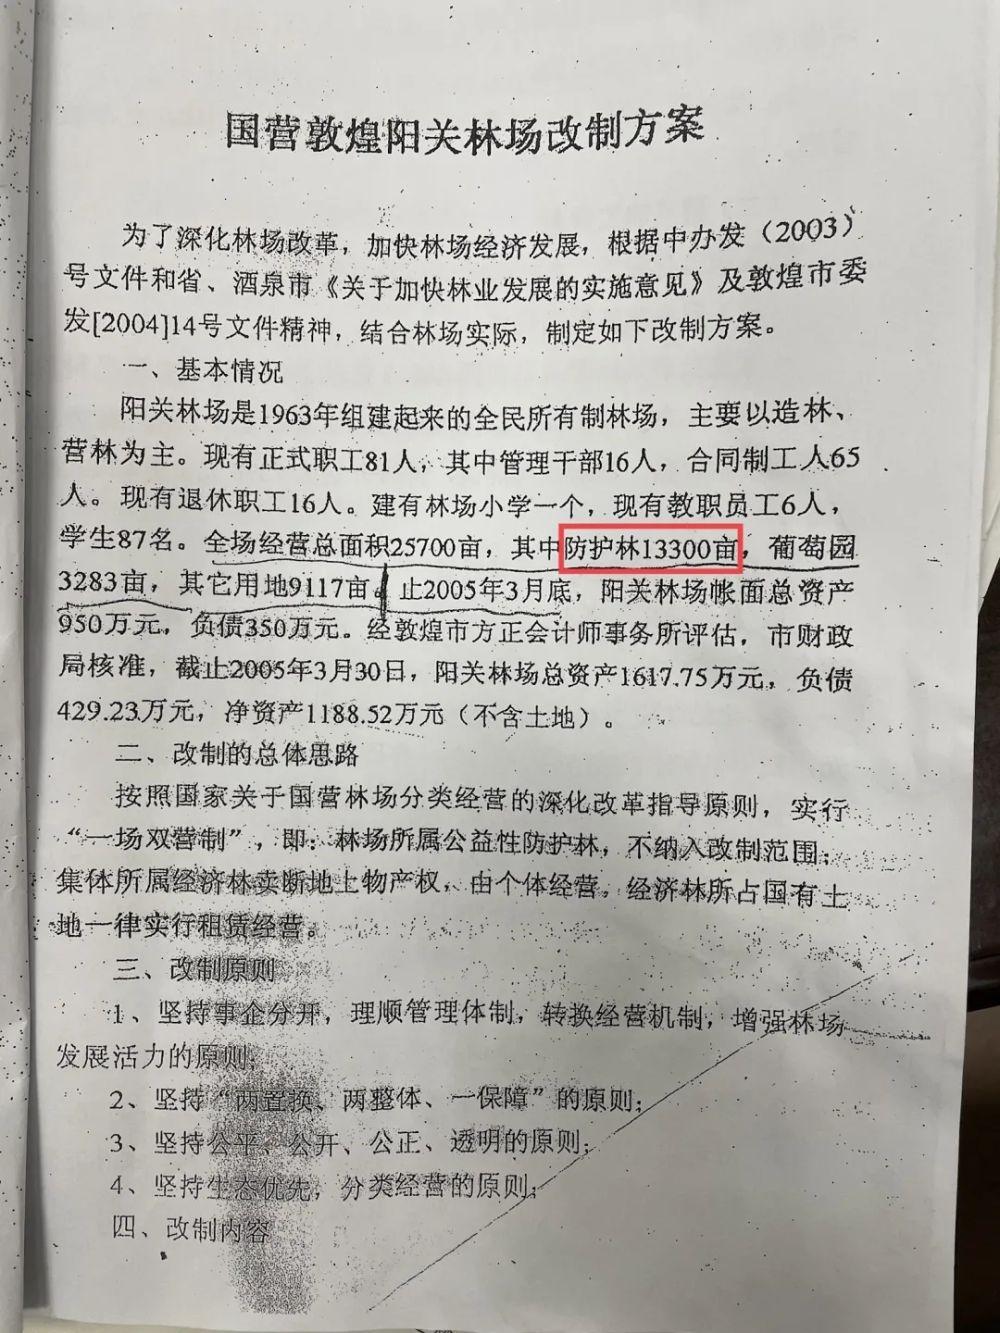 图为2005年敦煌市林业局发布的阳关林场改制文件